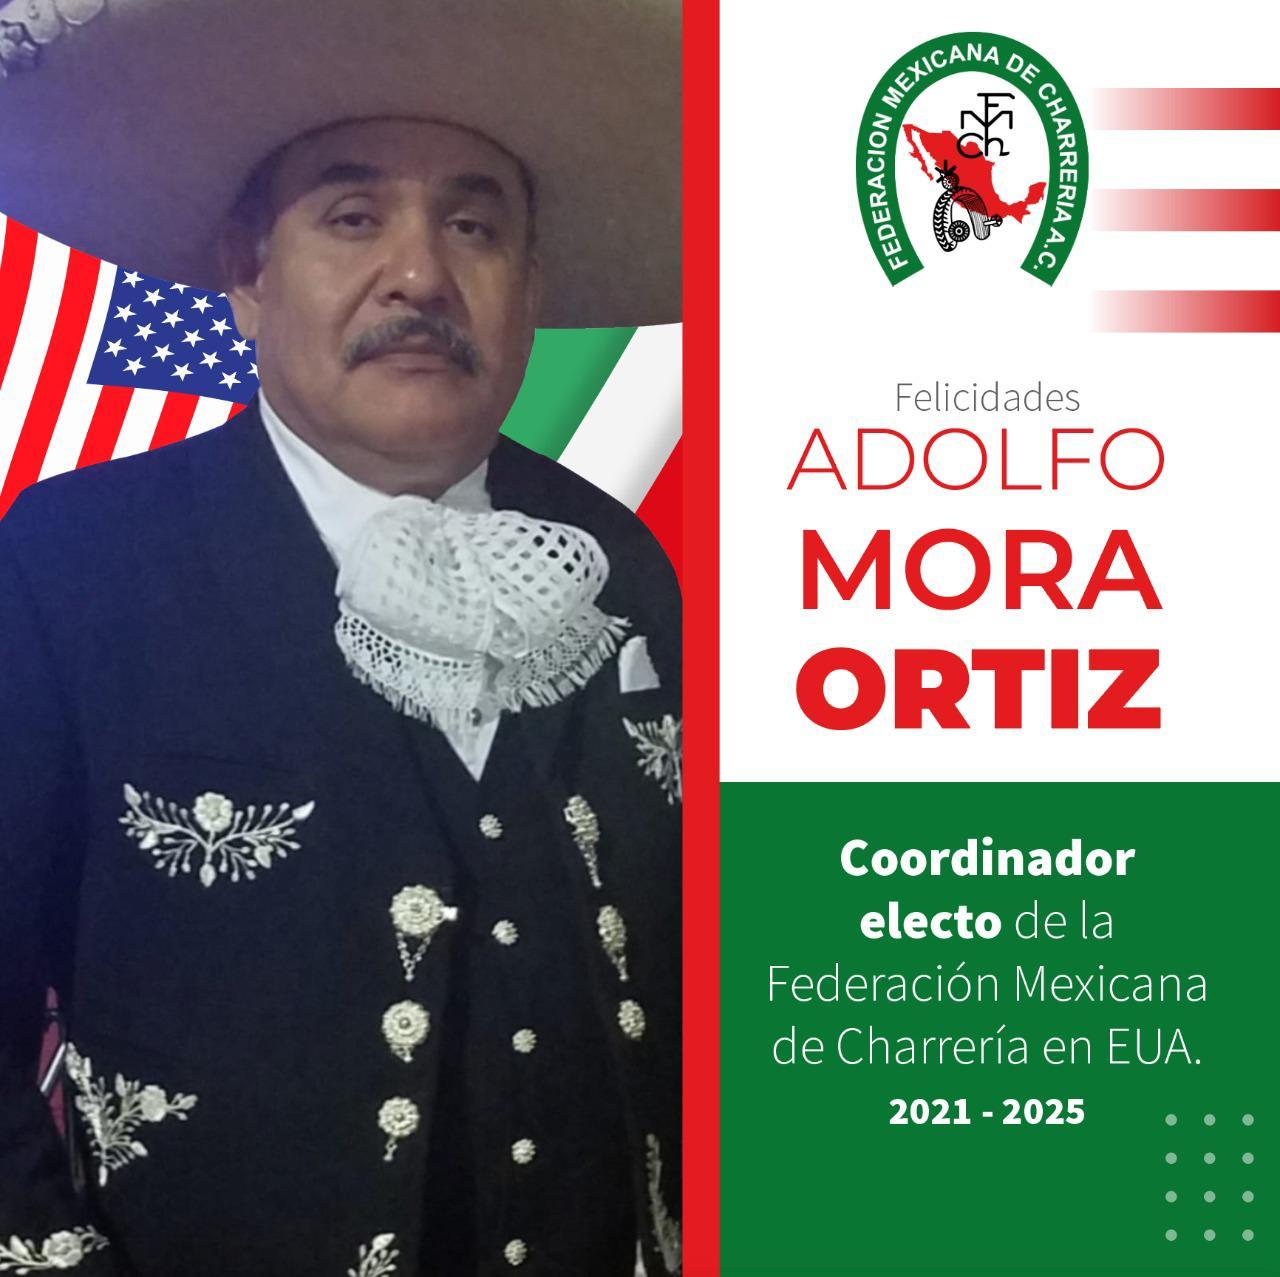 Don Adolfo Ortiz Mora - Coordinador Electo de la Federación Mexicana de Charreria en EUA 2021-2025